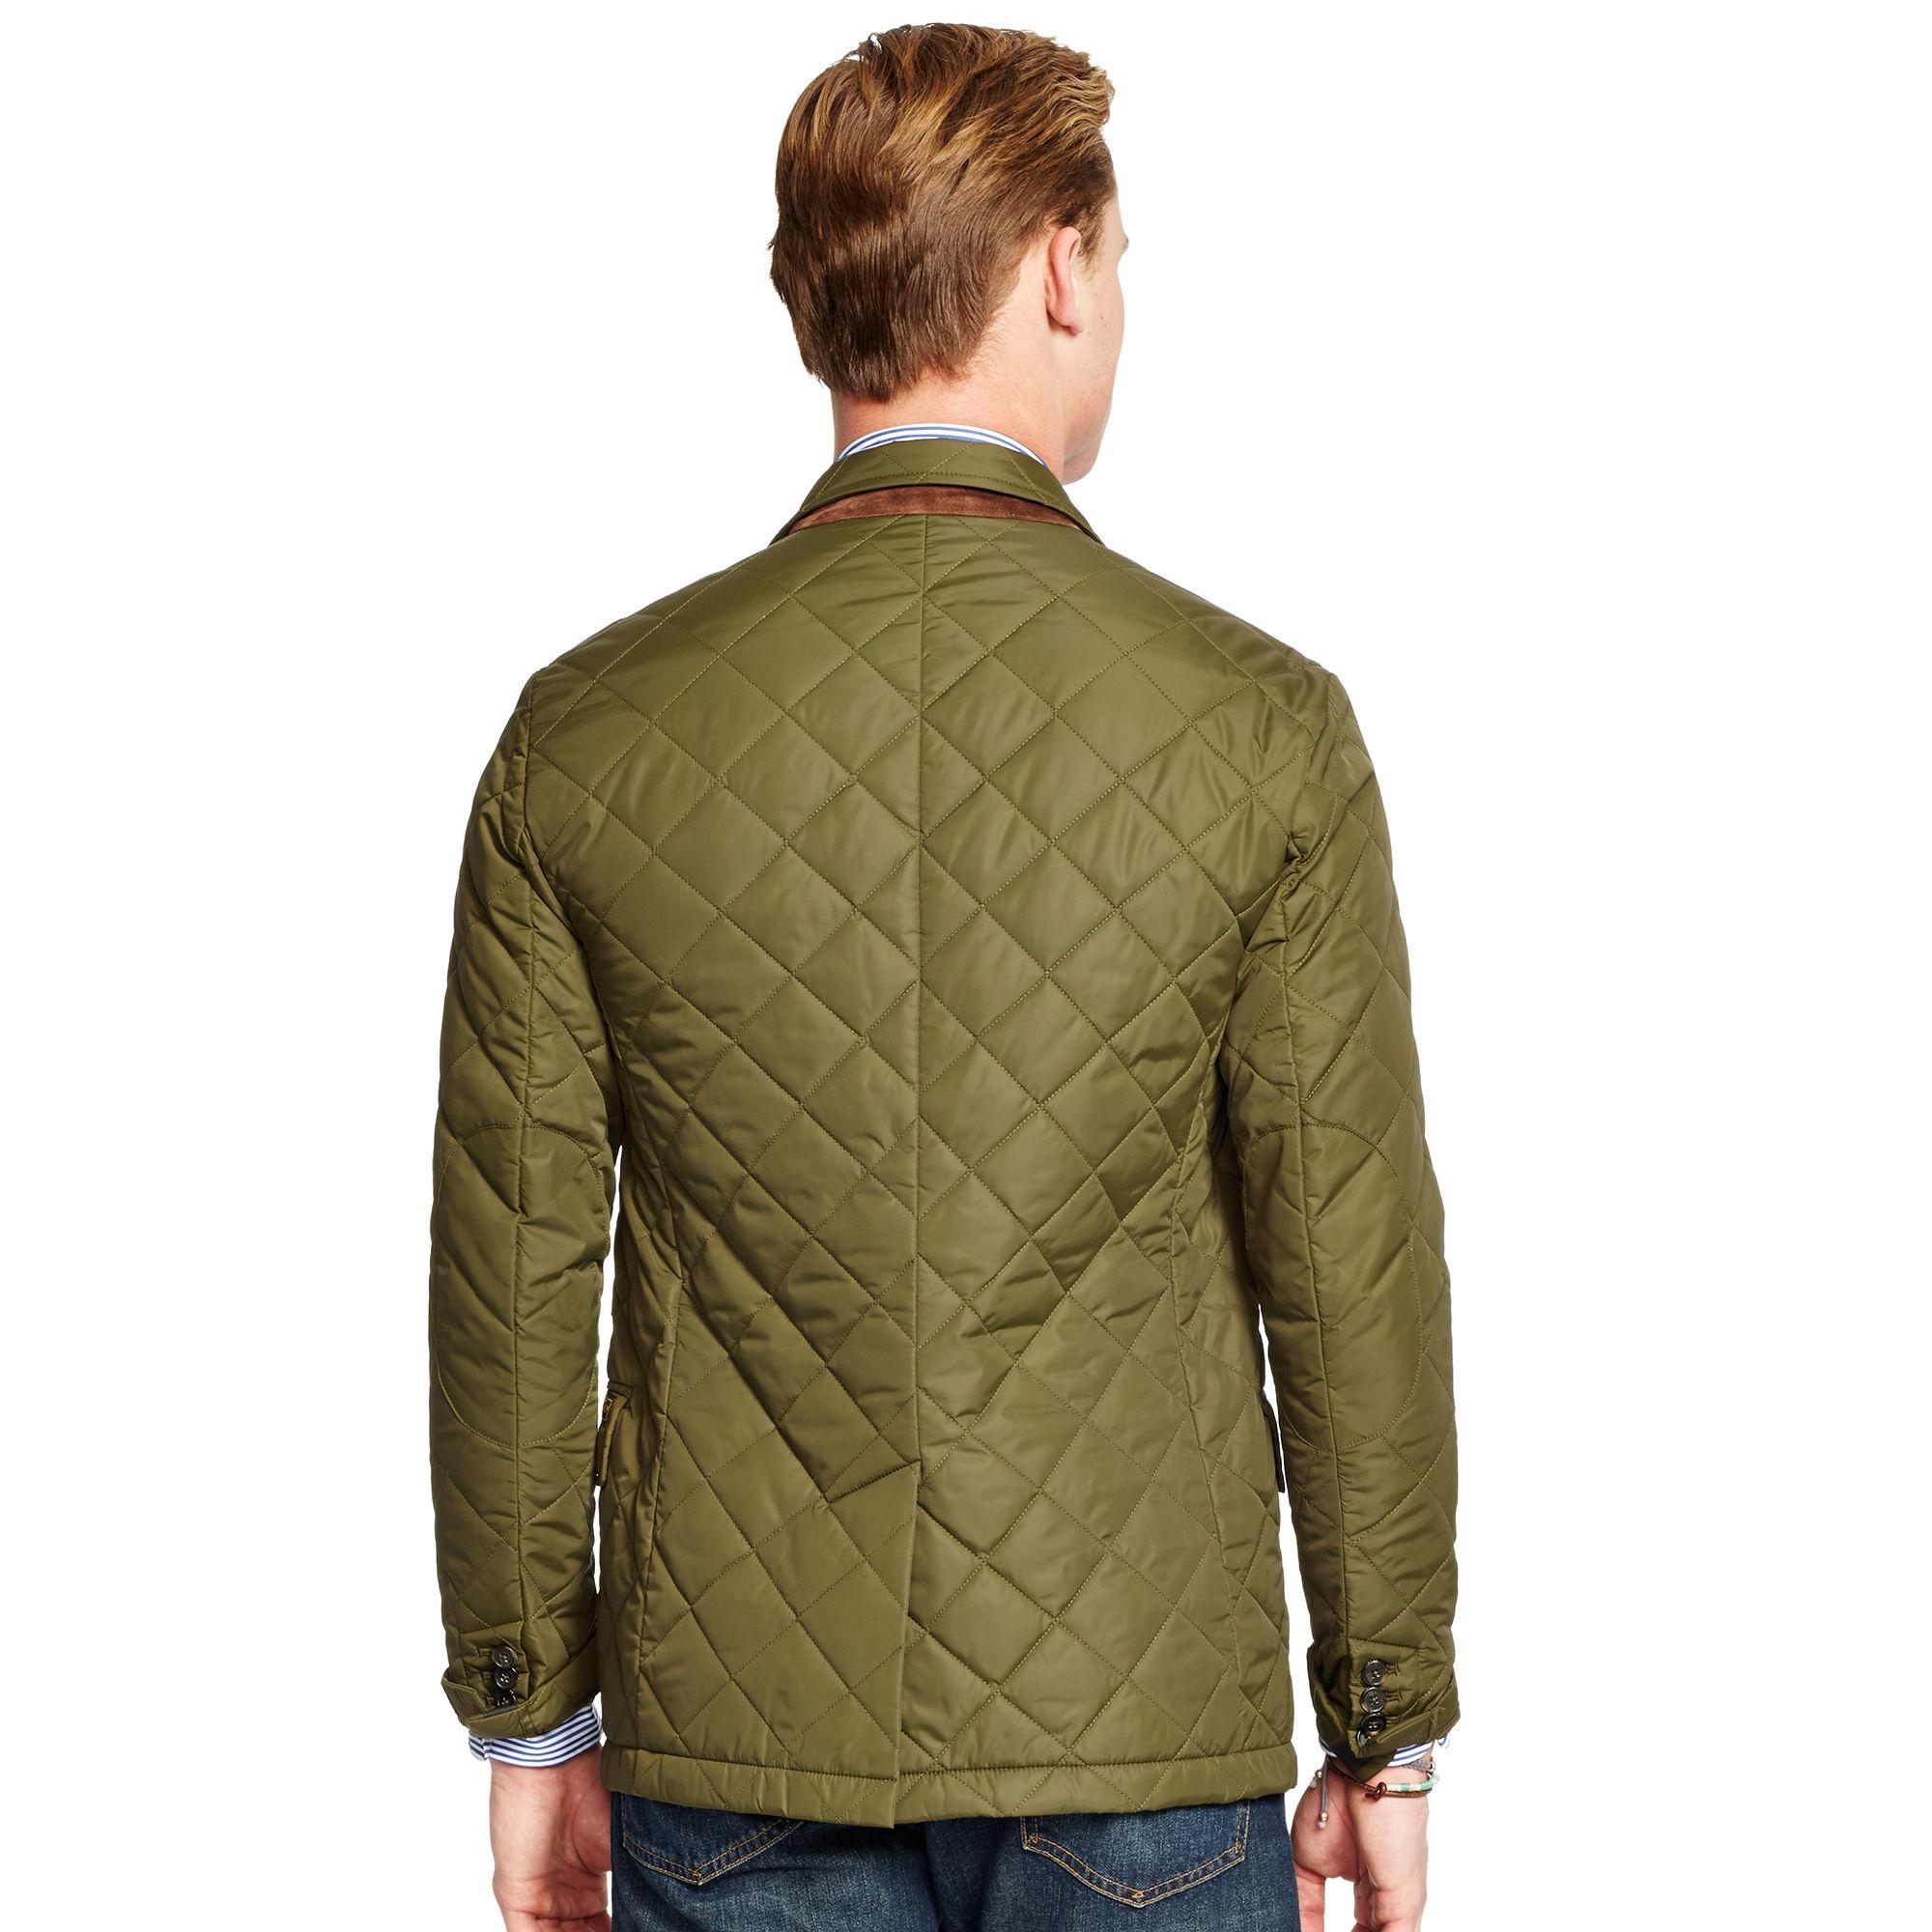 Lyst - Polo ralph lauren Quilted Sport Coat in Green for Men : mens quilted sport coat - Adamdwight.com